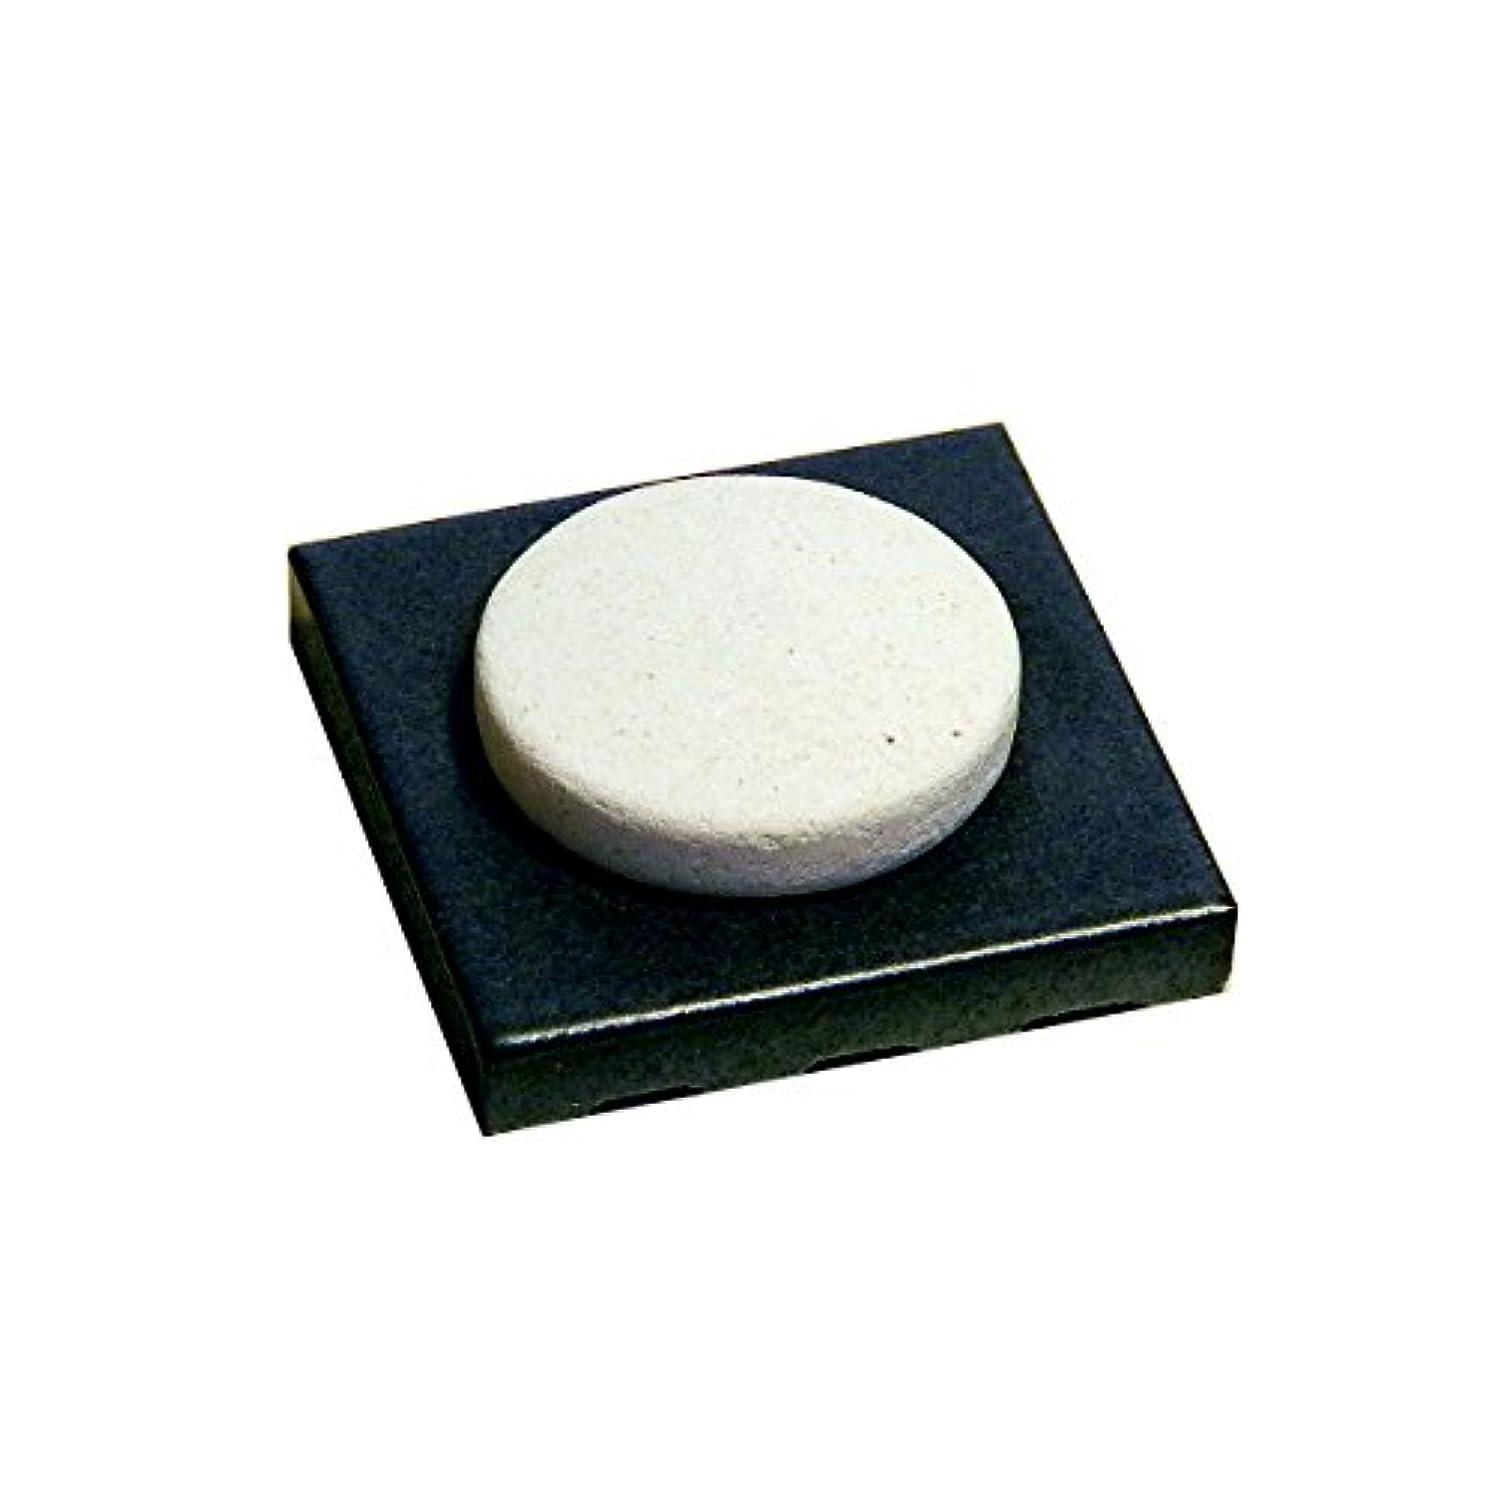 未満ショルダー布〔立風屋〕珪藻土アロマプレート美濃焼タイルセット ブラック(黒) RPAP-01003-BK